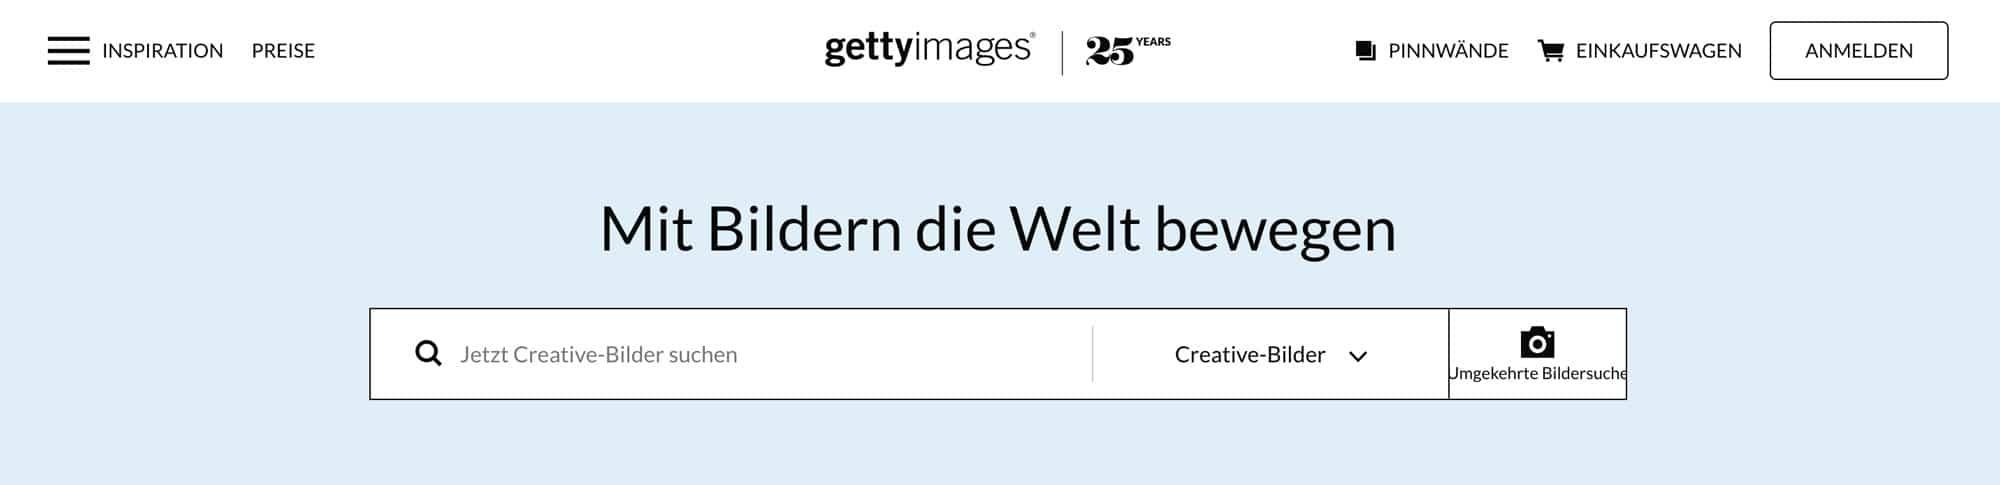 Getty Images ist eine Bilddatenbank für Profis